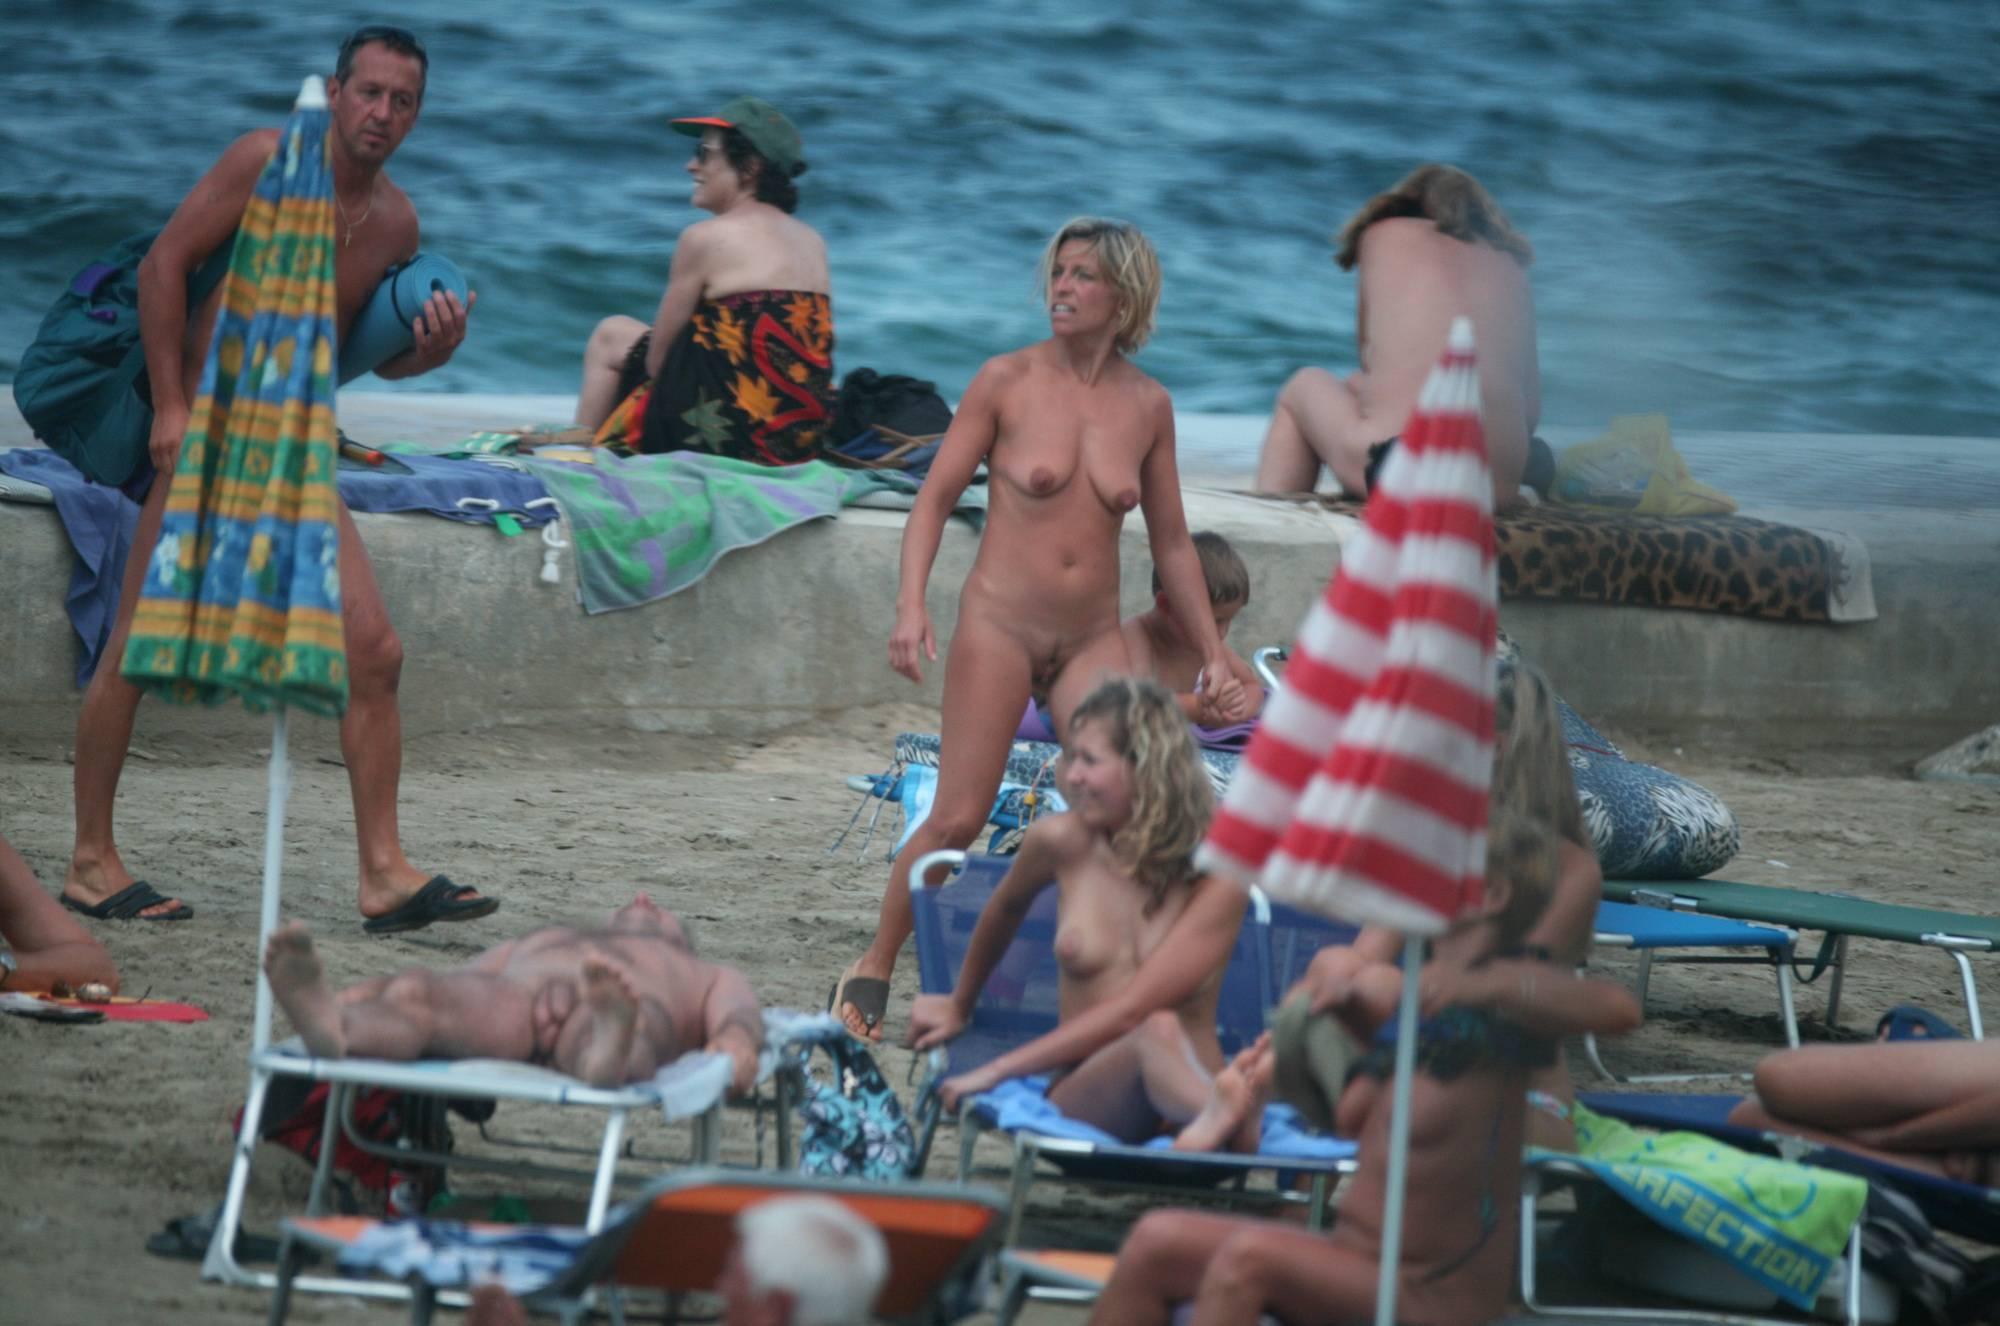 Pier Sand Square Bathers - 2